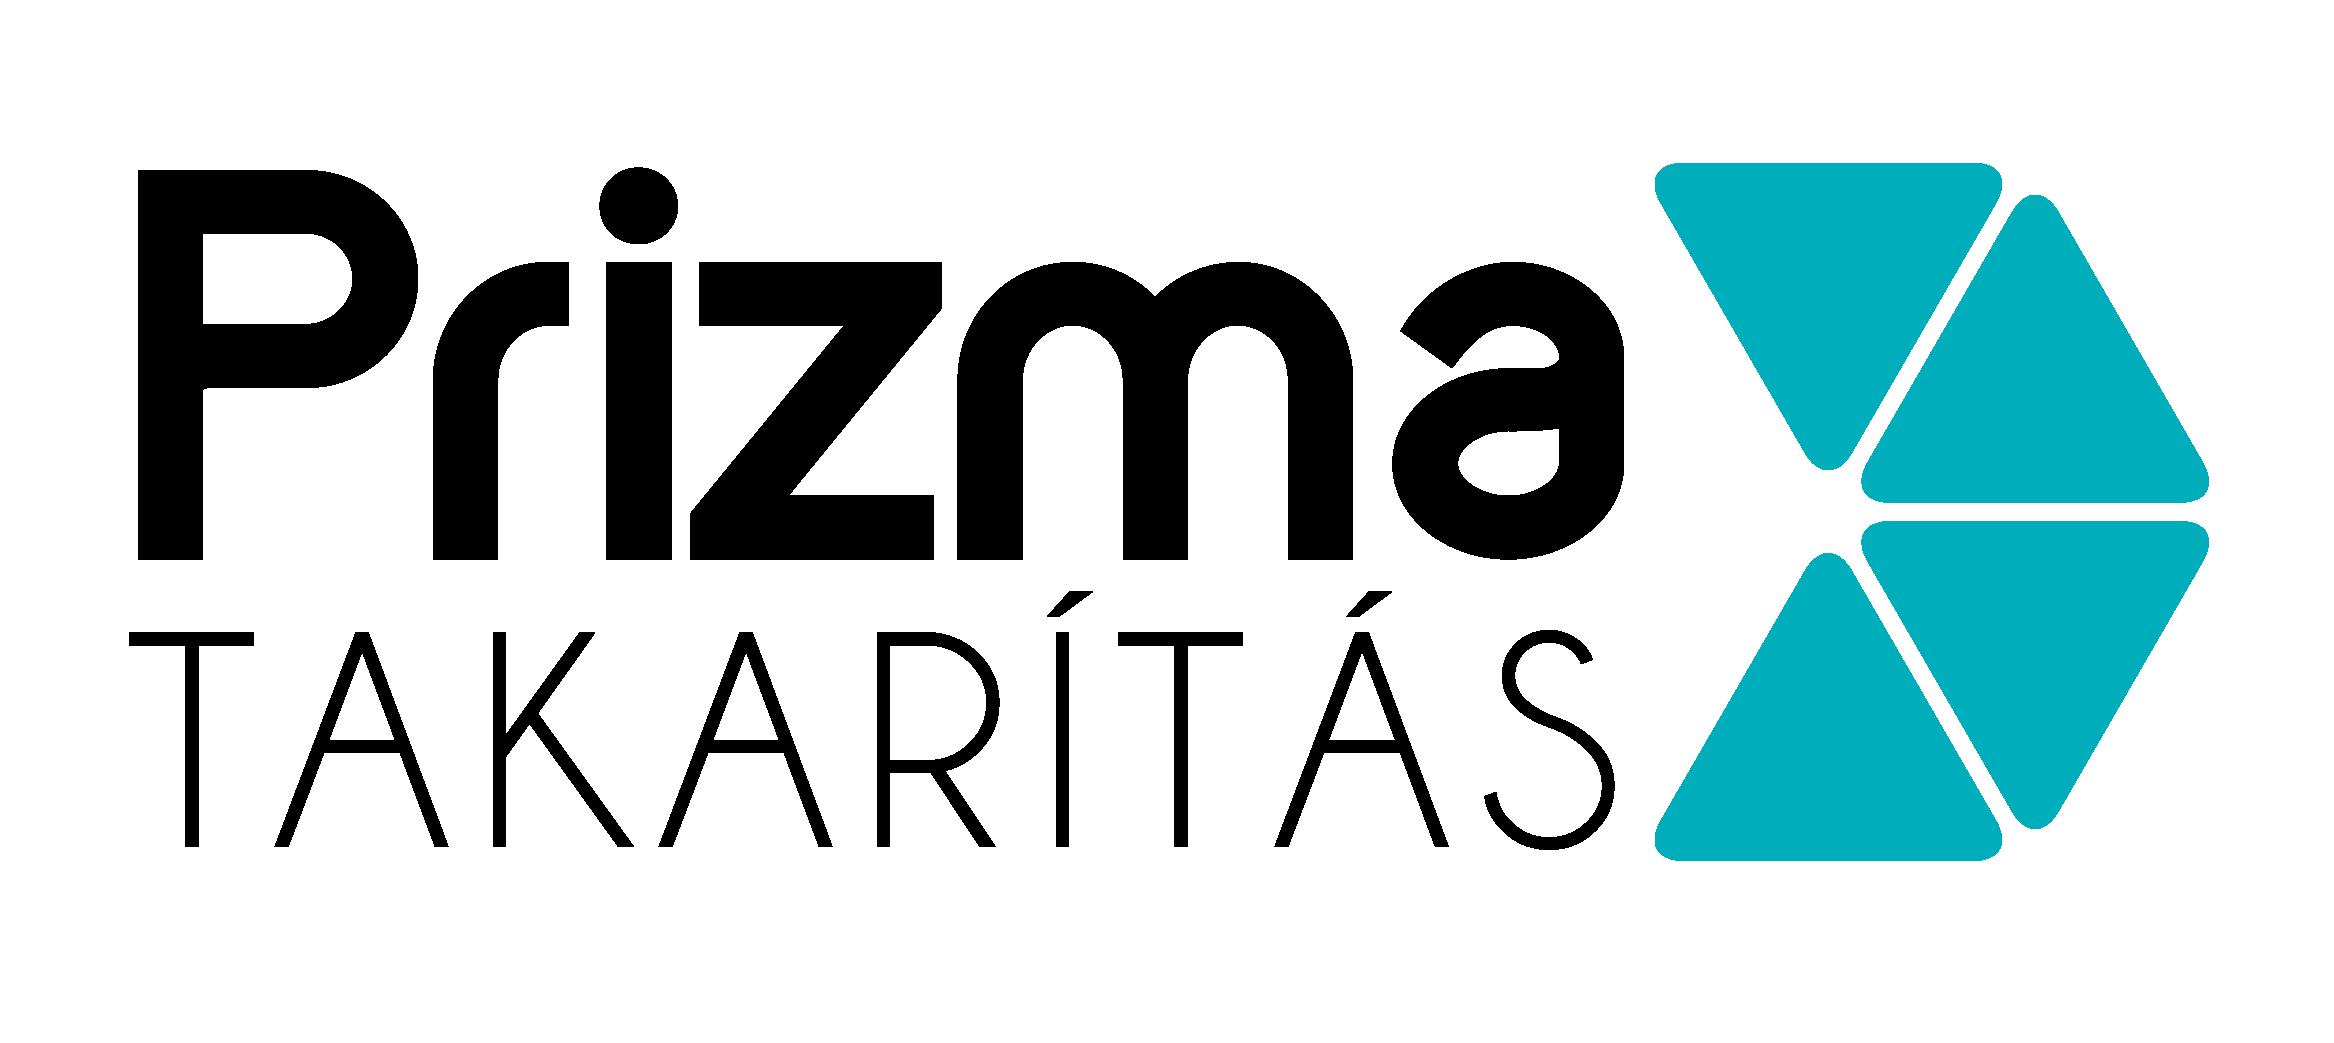 Prizma Csoport - Szolgáltatások - Takarítás